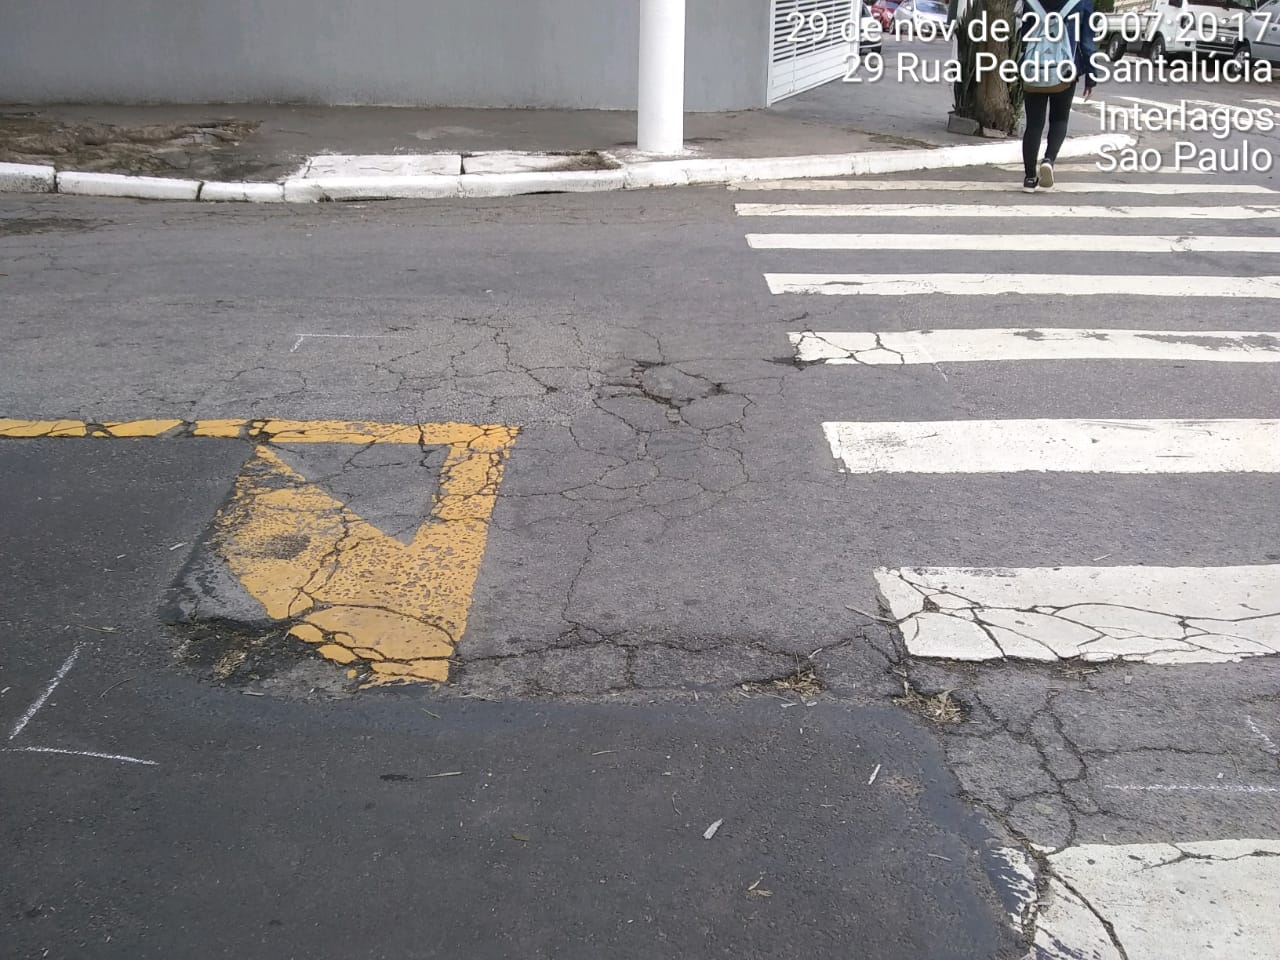 #PraCegoVer - Na primeira foto, o buraco no meio da rua, perto de uma faixa de pedestres e restos de pintura de segurança. Na segunda foto, o buraco já tapado.